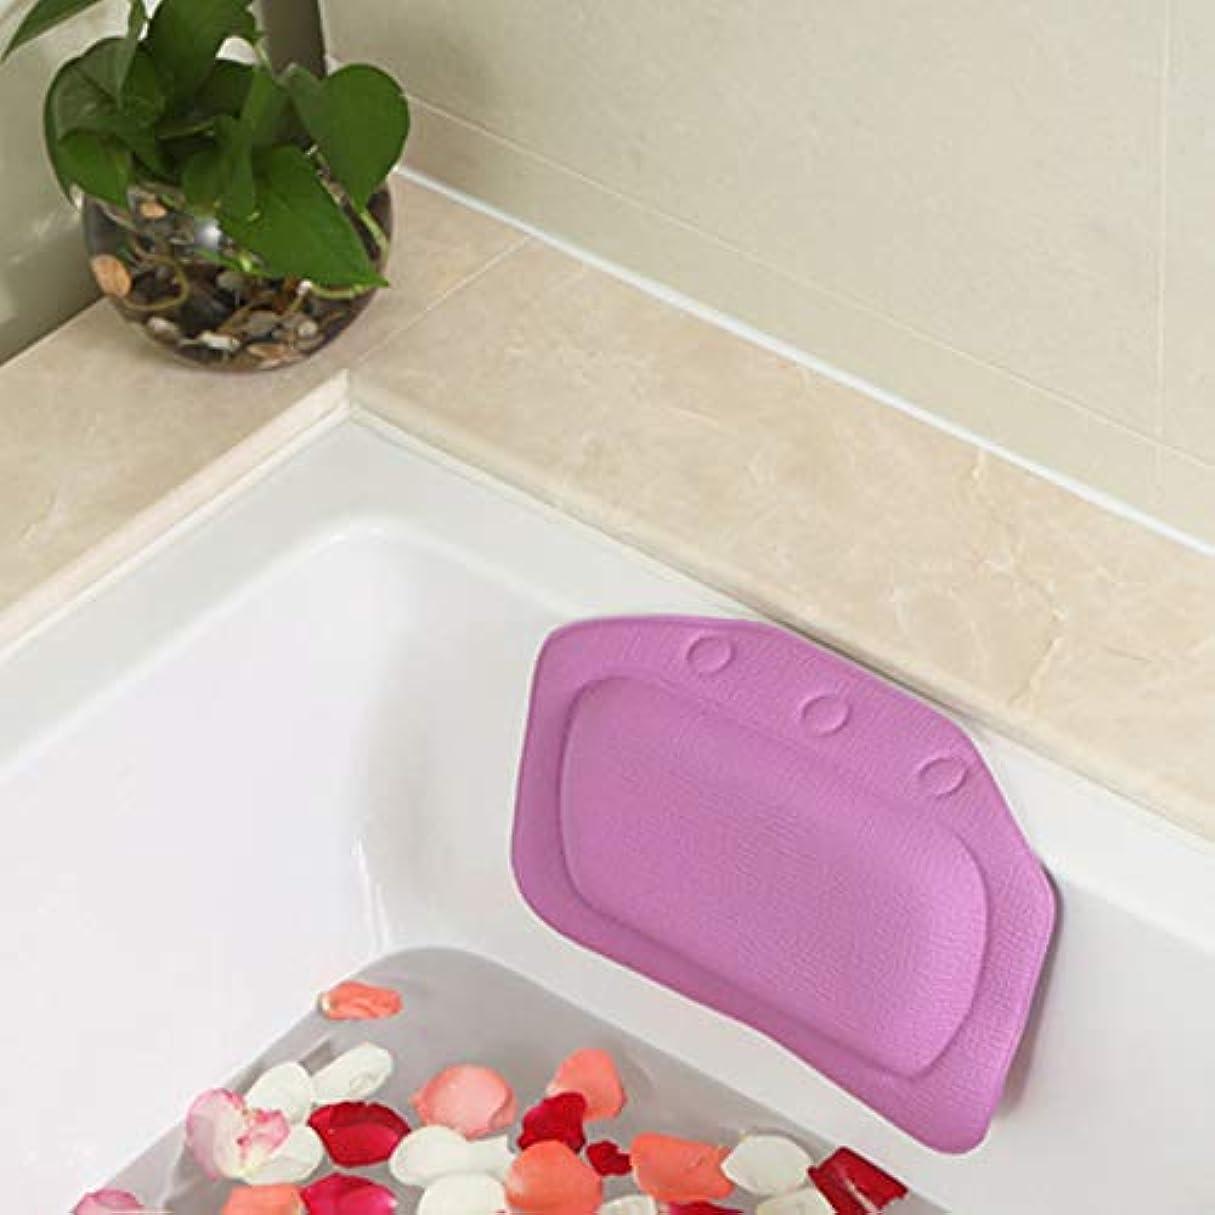 無関心増幅器興奮柔らかいpvc発泡スポンジ風呂枕防水ヘッドレストクッション付き浴室シャワー浴槽リラックスアクセサリー,Purple